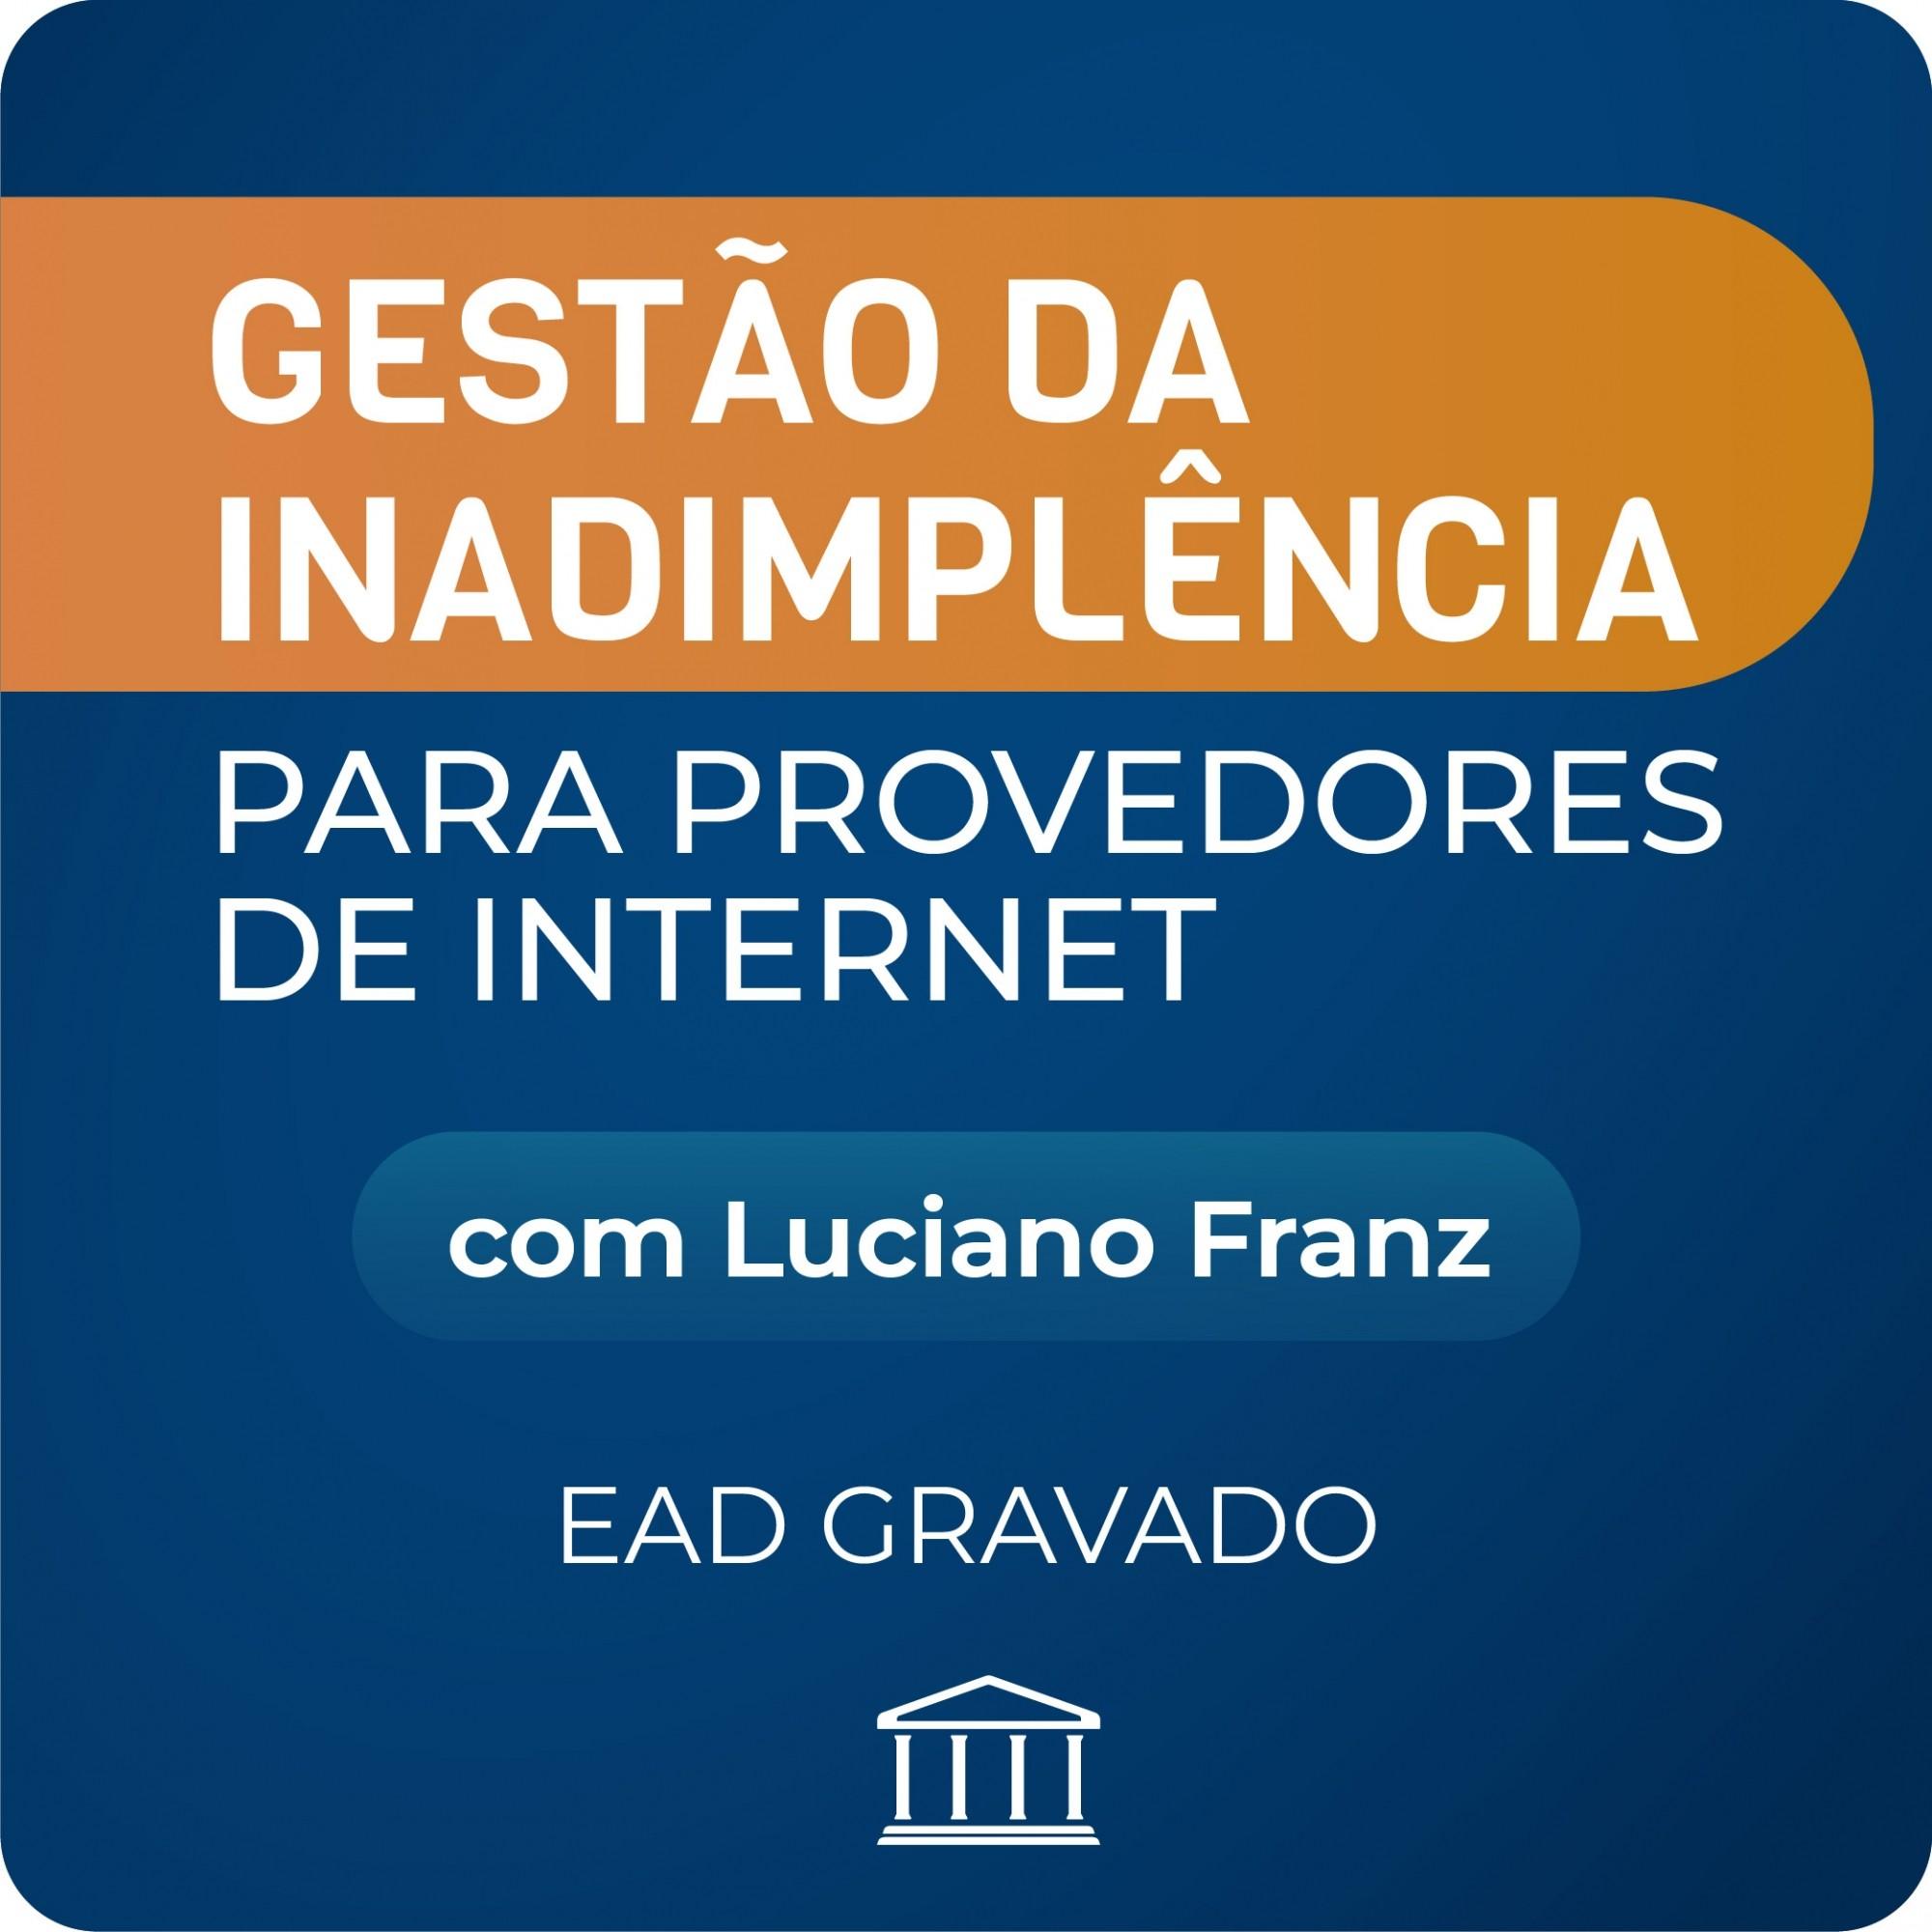 Gestão de Inadimplência para Provedores de Internet com Luciano Franz - GRAVADO  - Voz e Dados